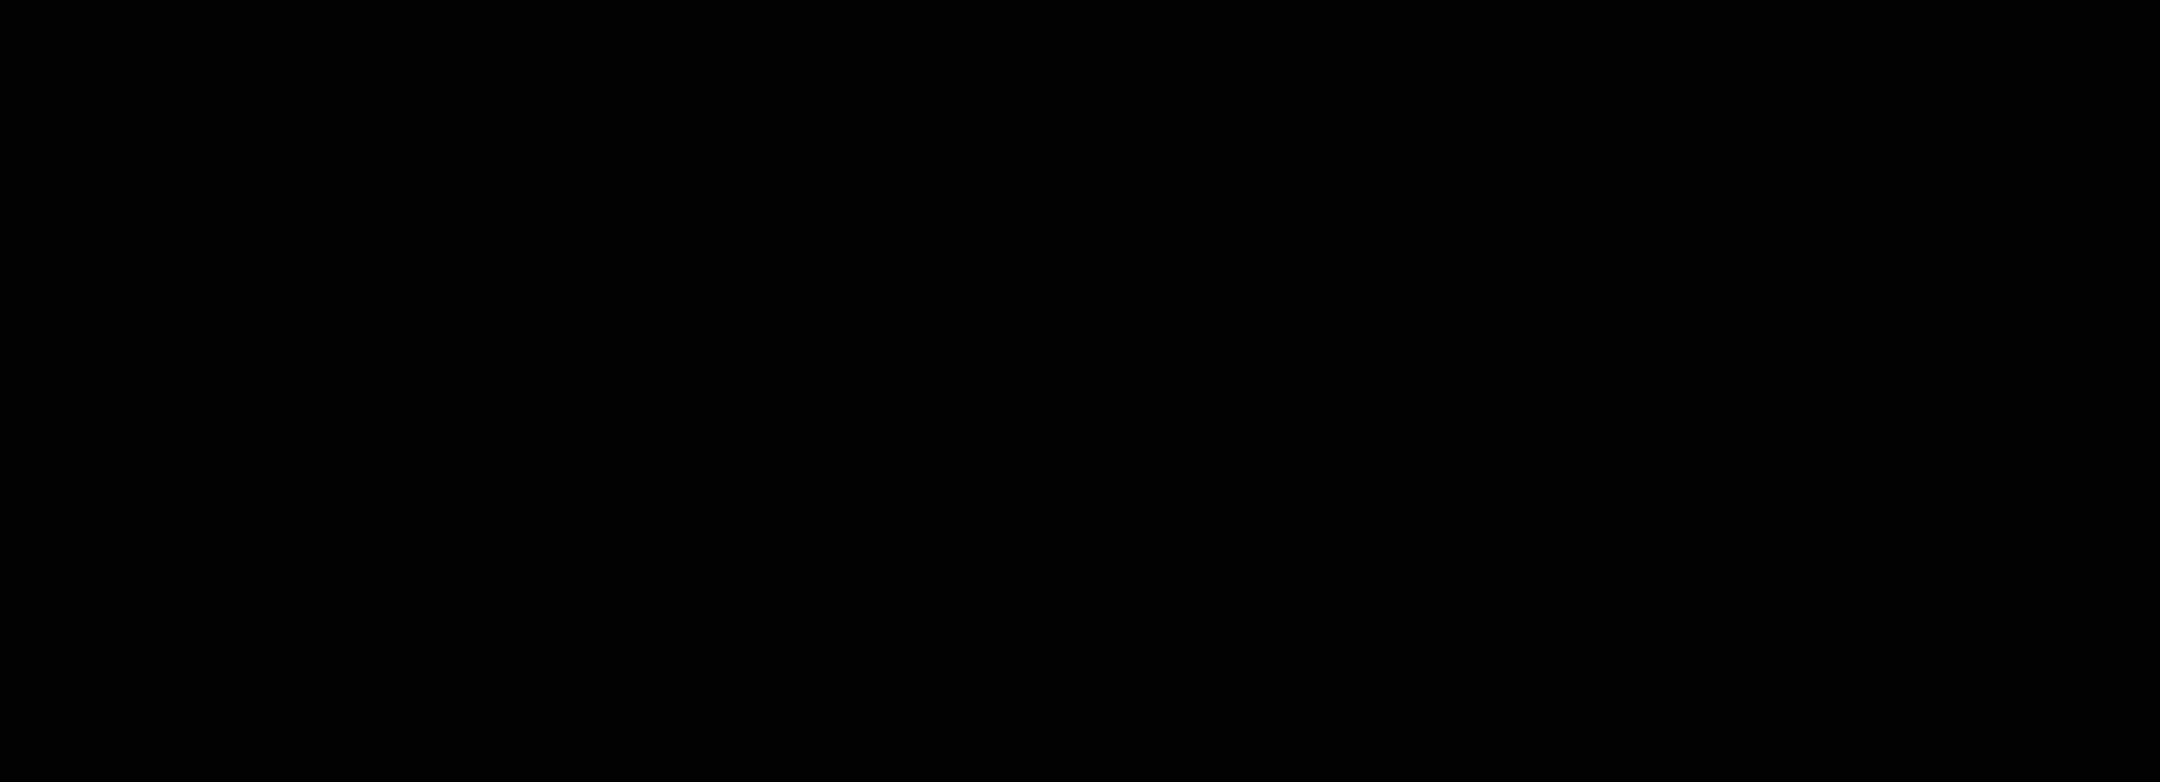 elgato logo 1 - Elgato Logo